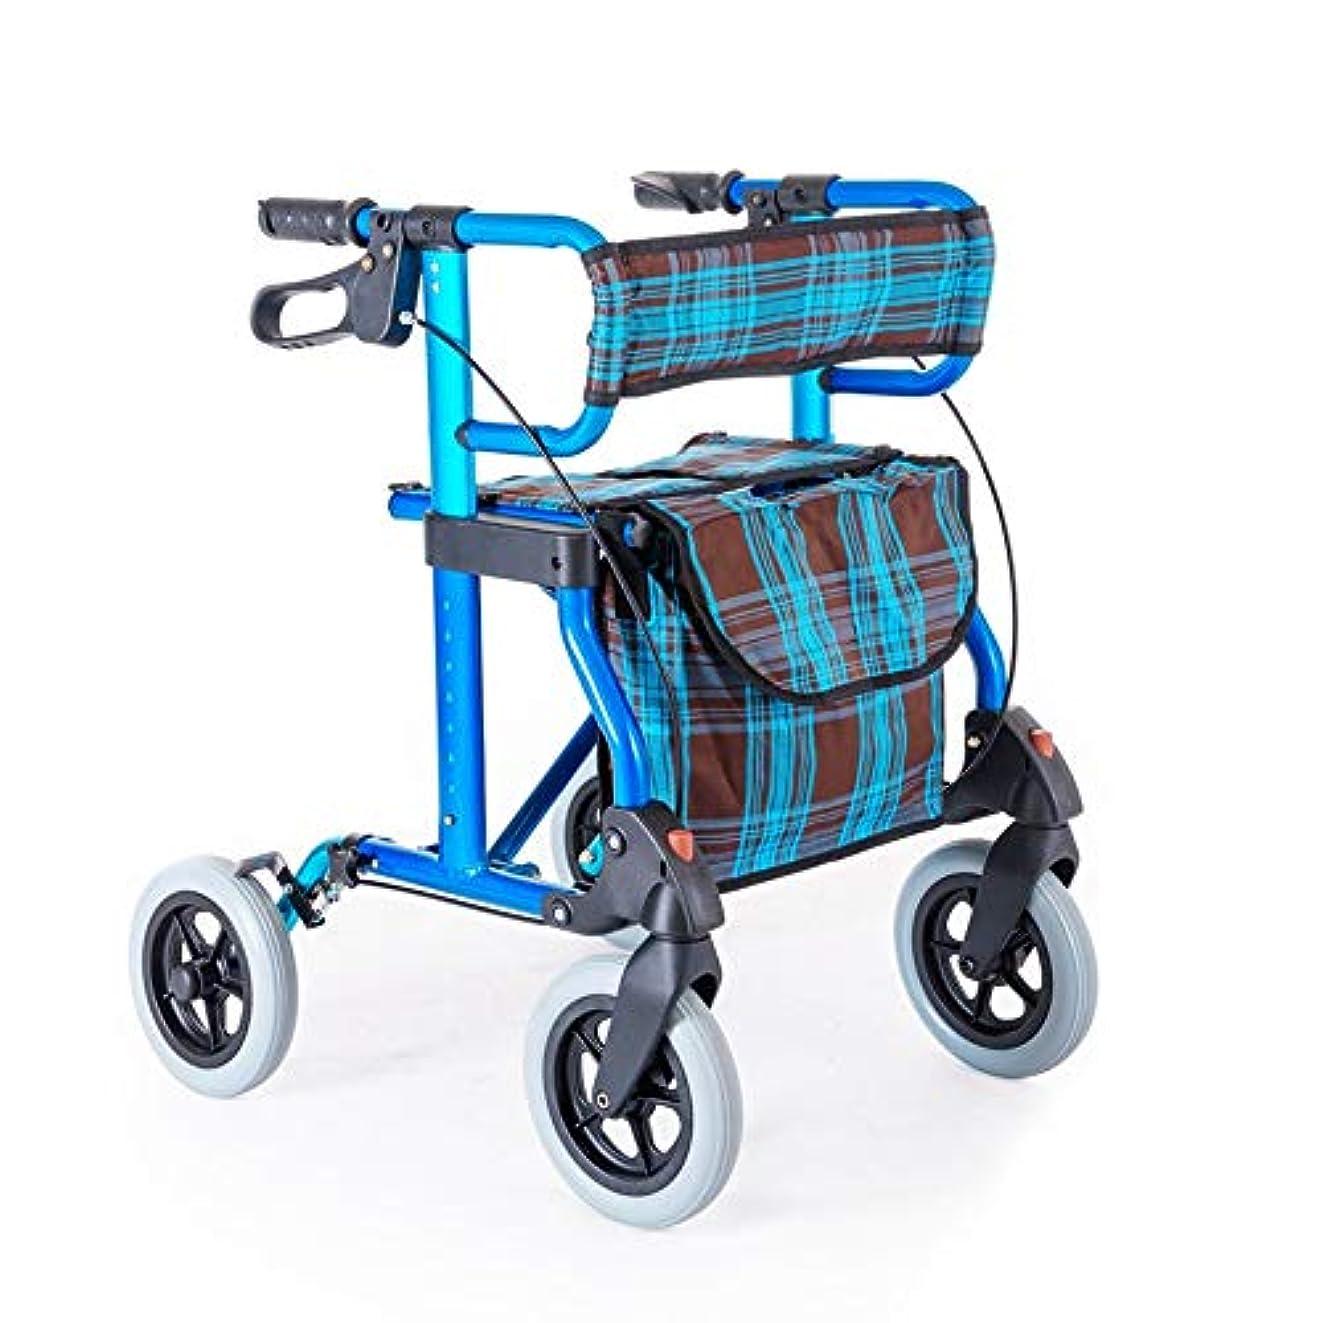 くちばし悪性普通のシートダブルセーフティブレーキ調整可能な高さ4ホイールローリング老人ショッピングカート付き軽量折りたたみ歩行器